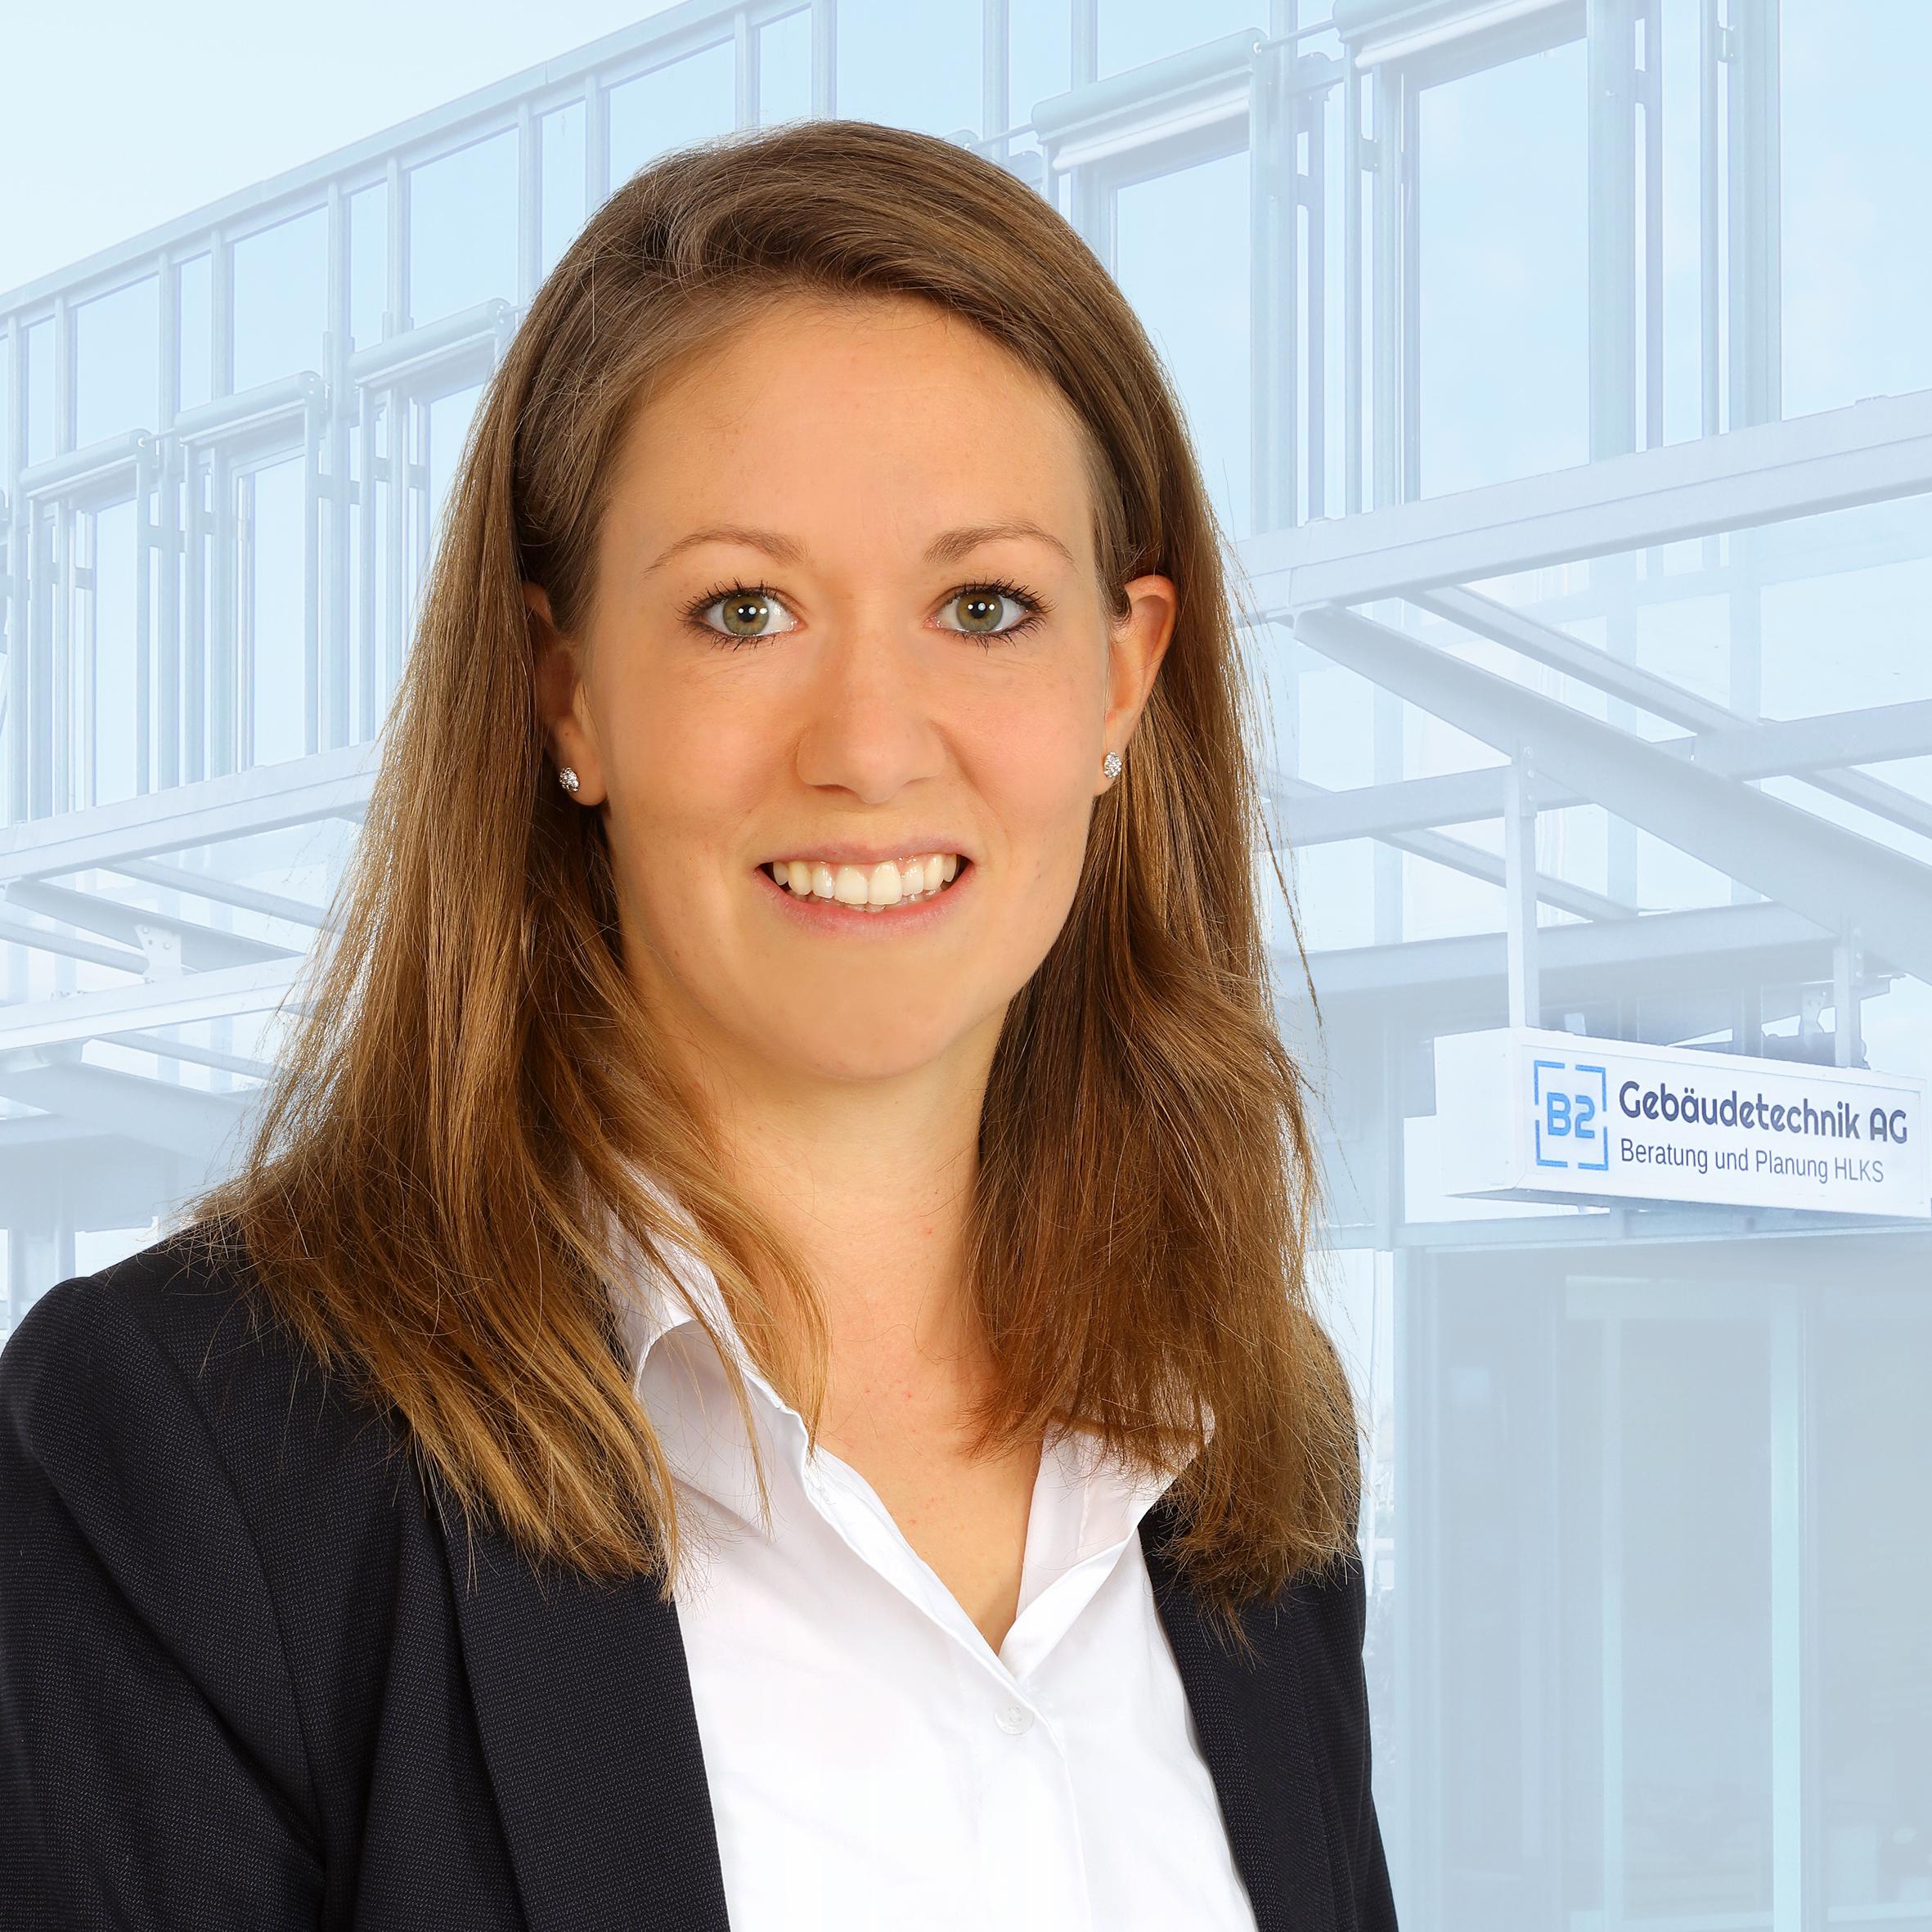 Sabine Bächler